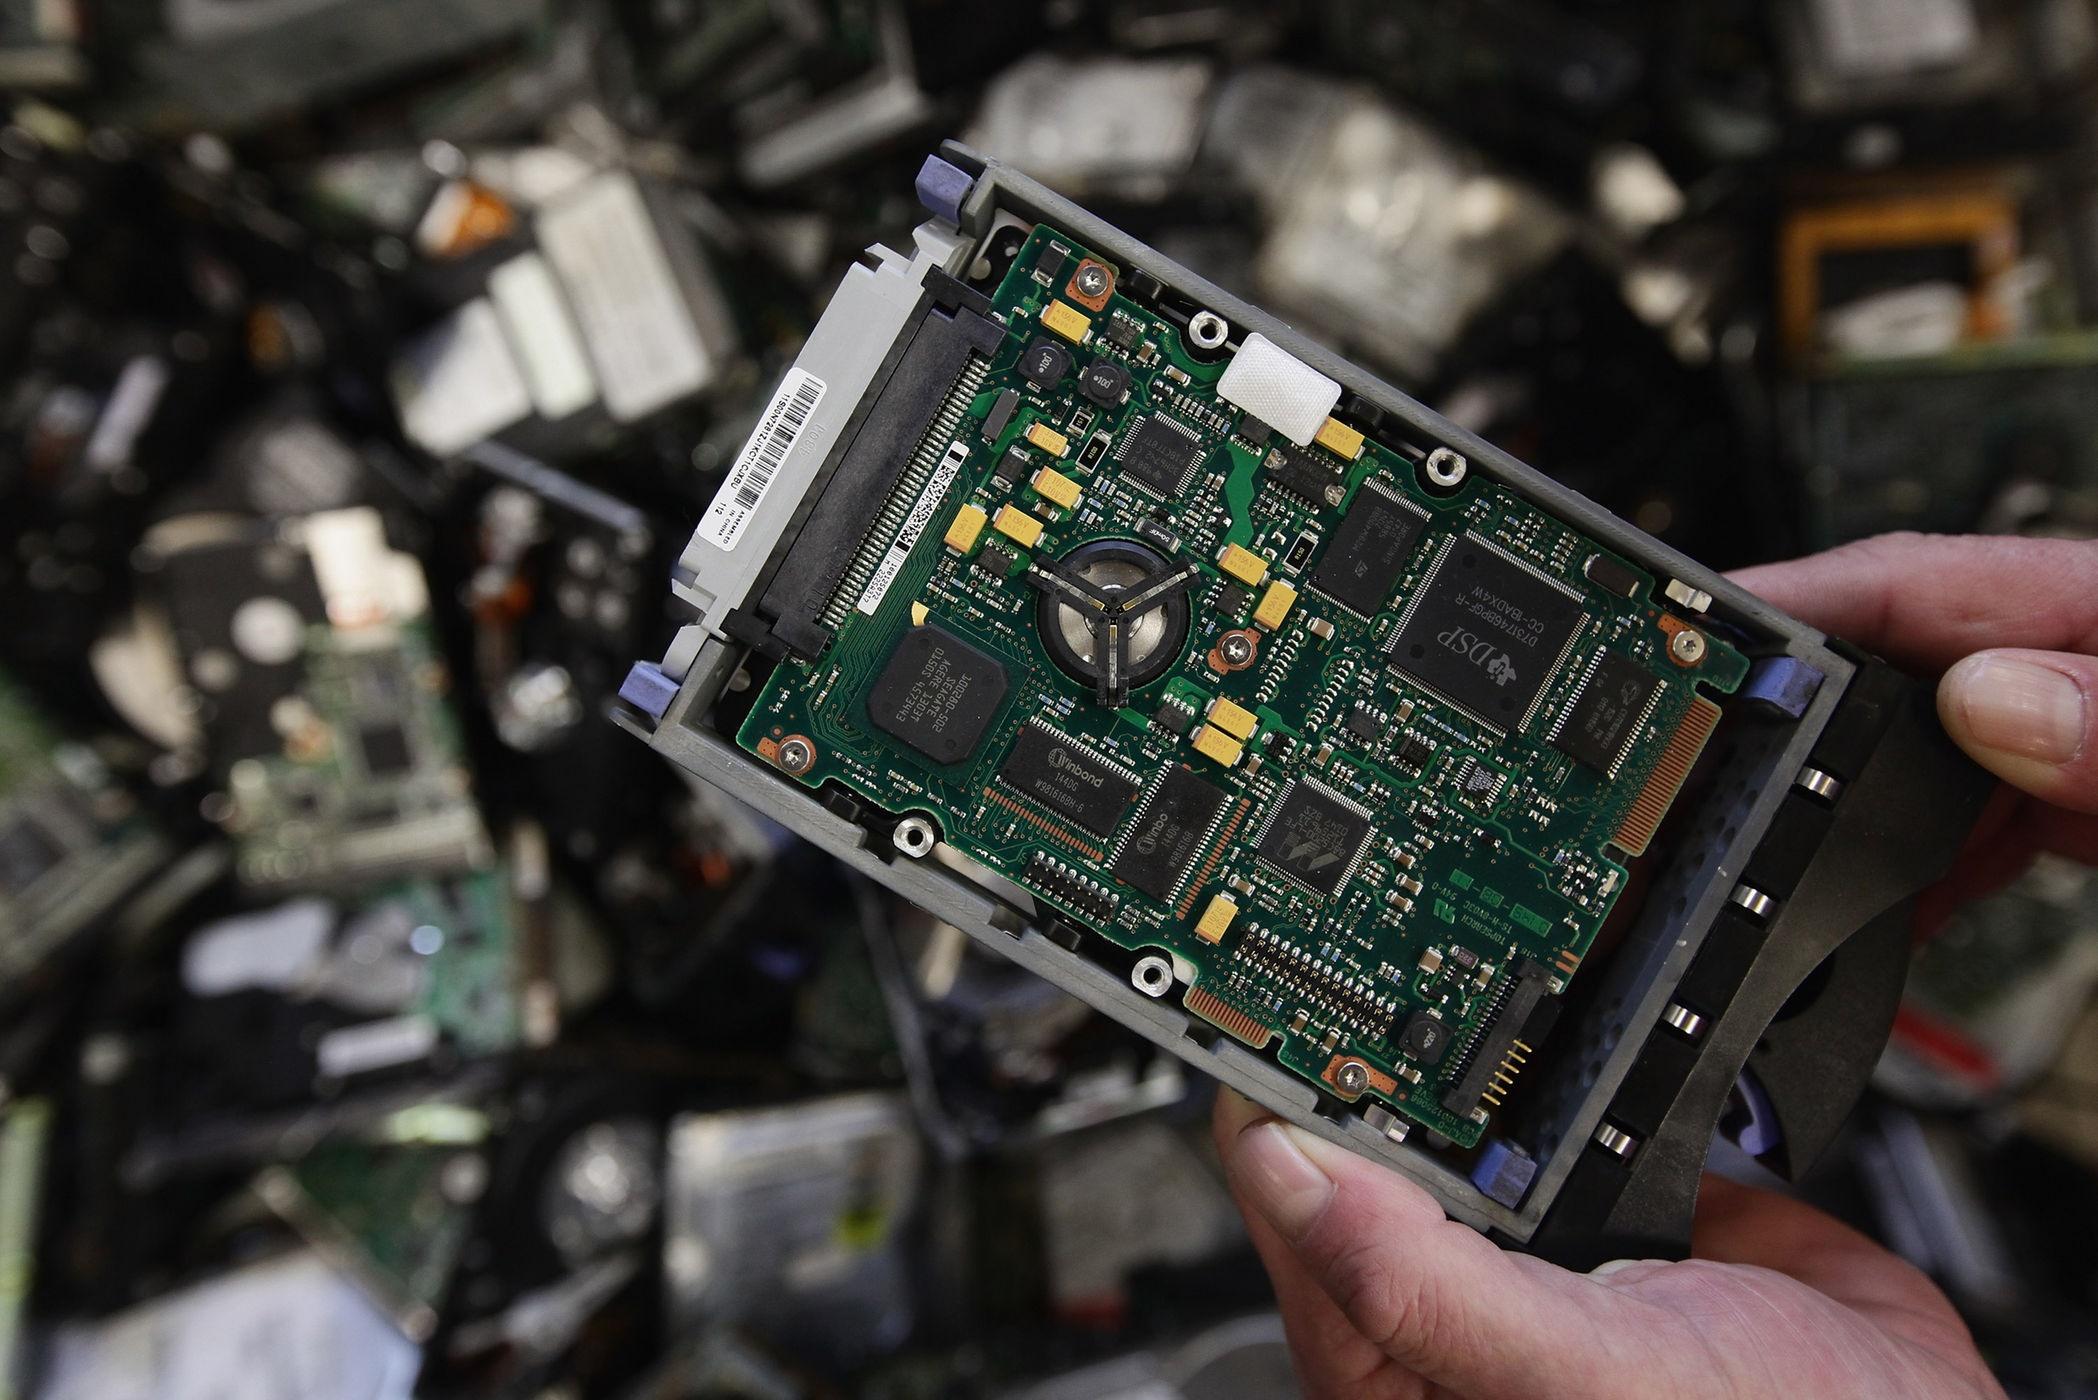 ساخت مدالهای المپیک ژاپن از الکترونیکهای بازیافتی